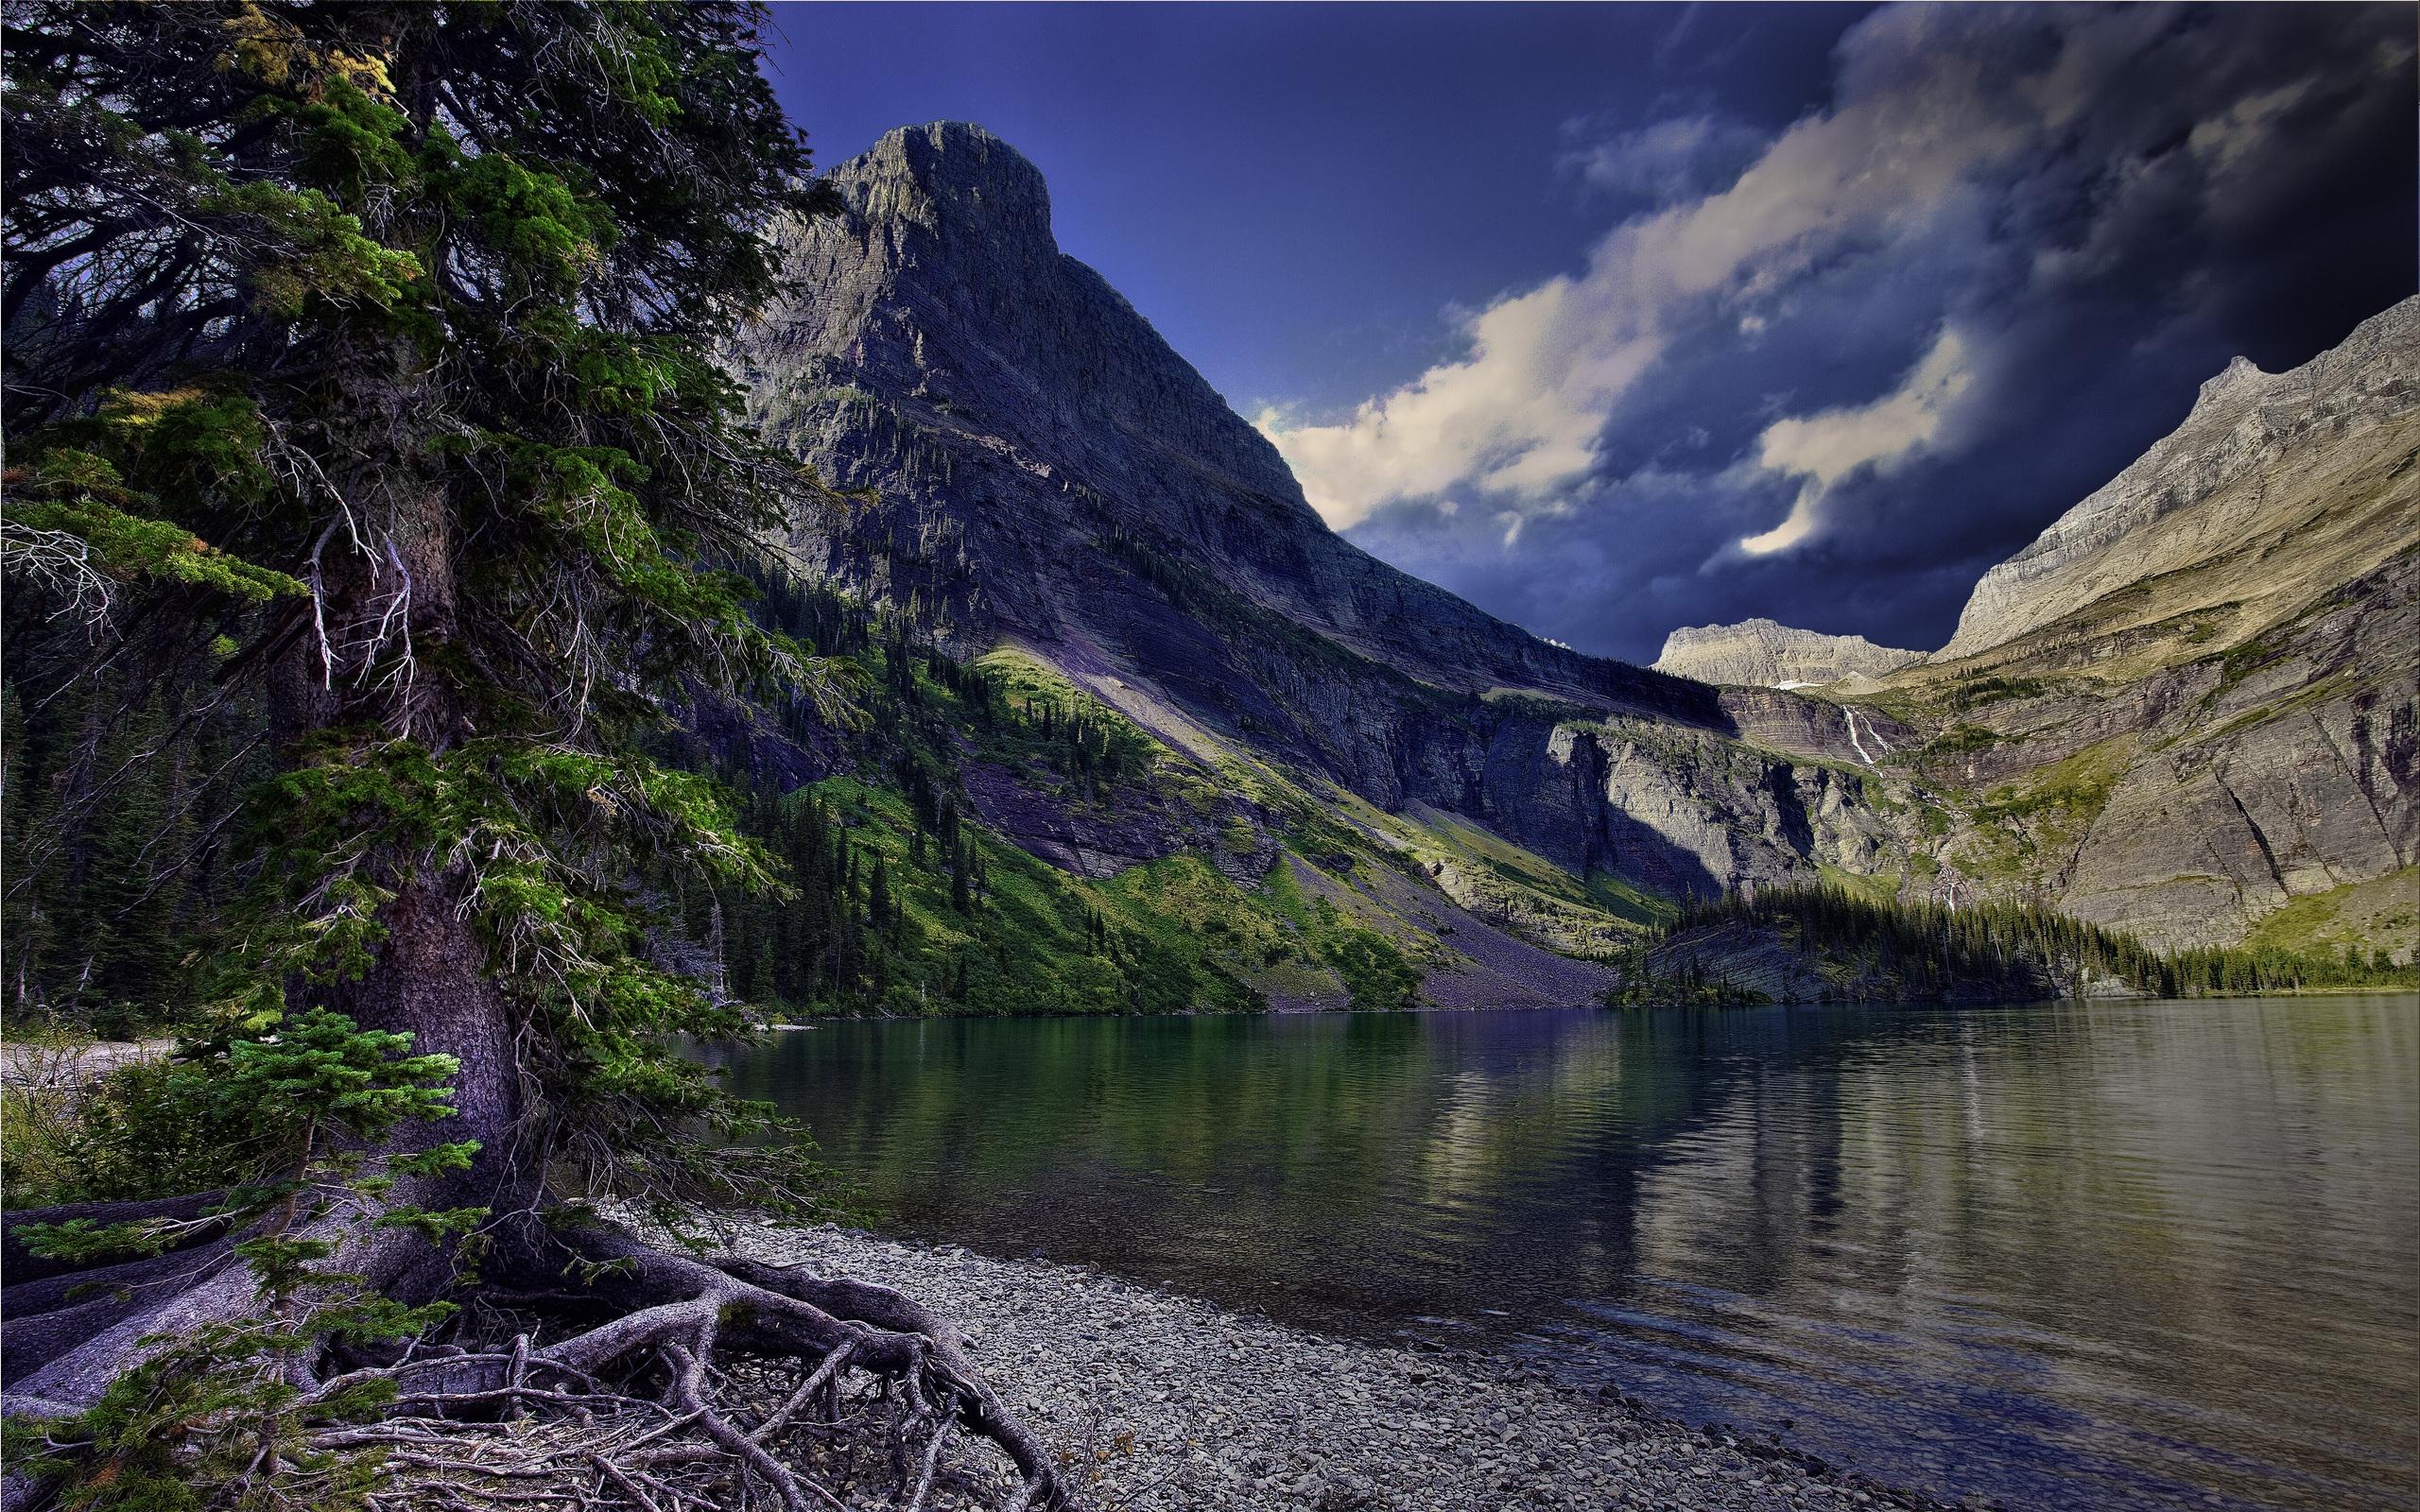 Озеро у подножья горы скачать